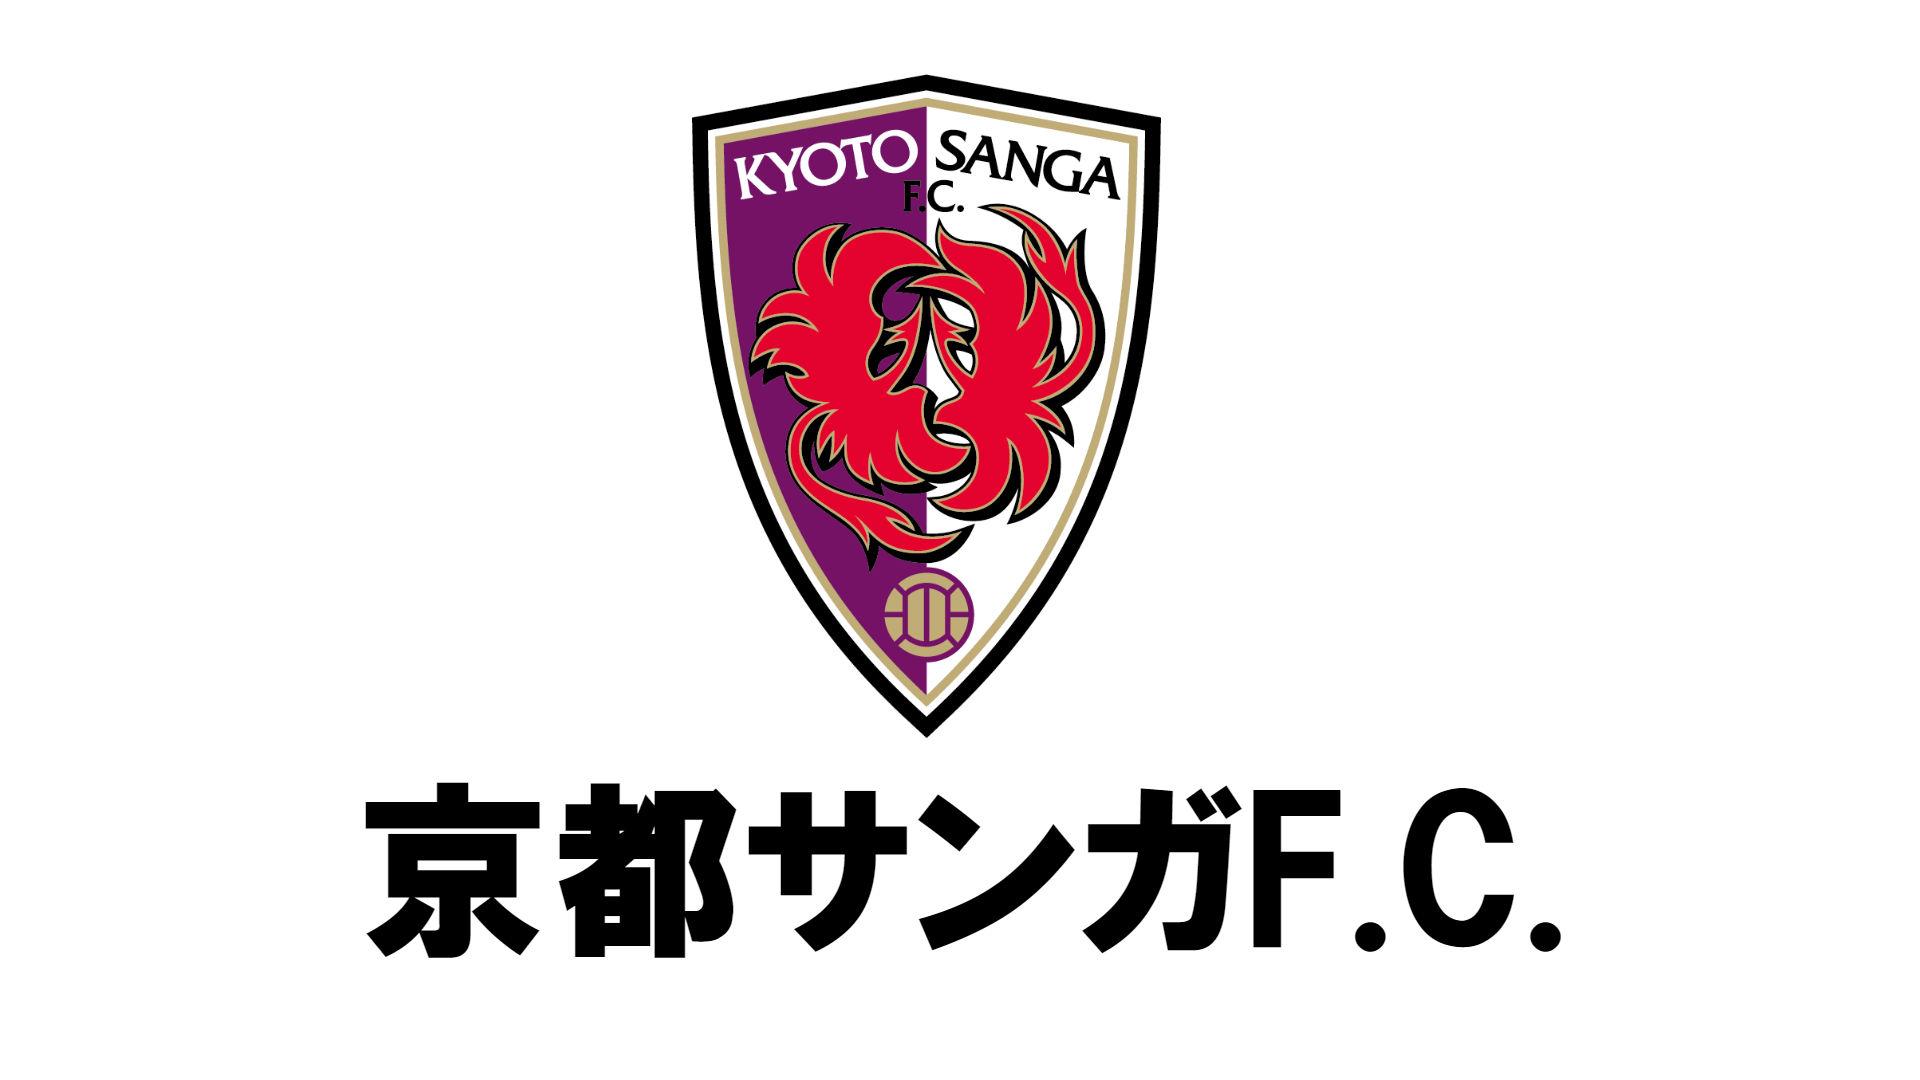 京都サンガF.C..jpg